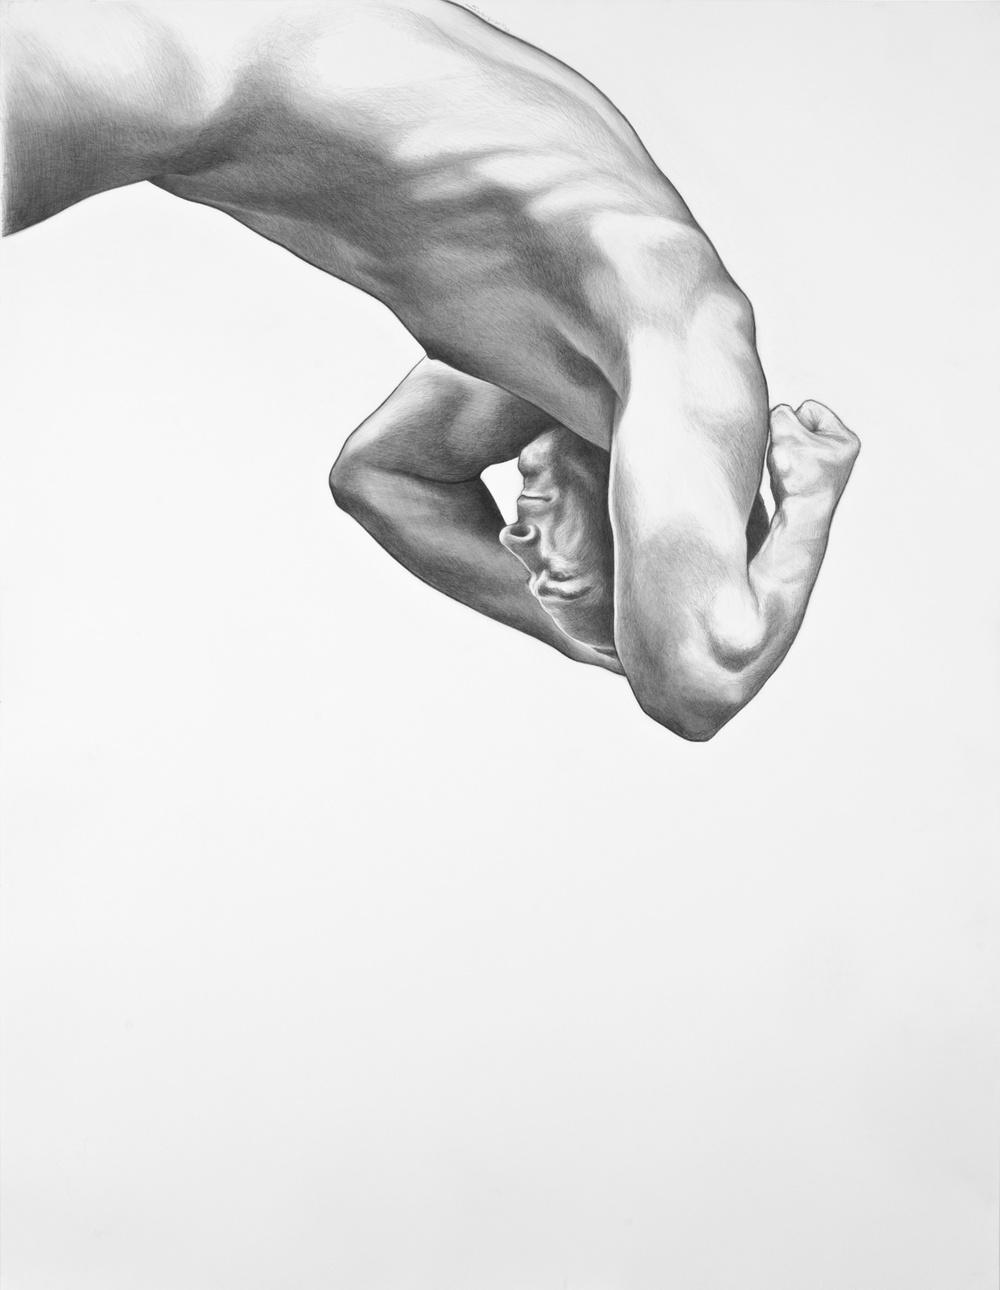 fallingman.jpg